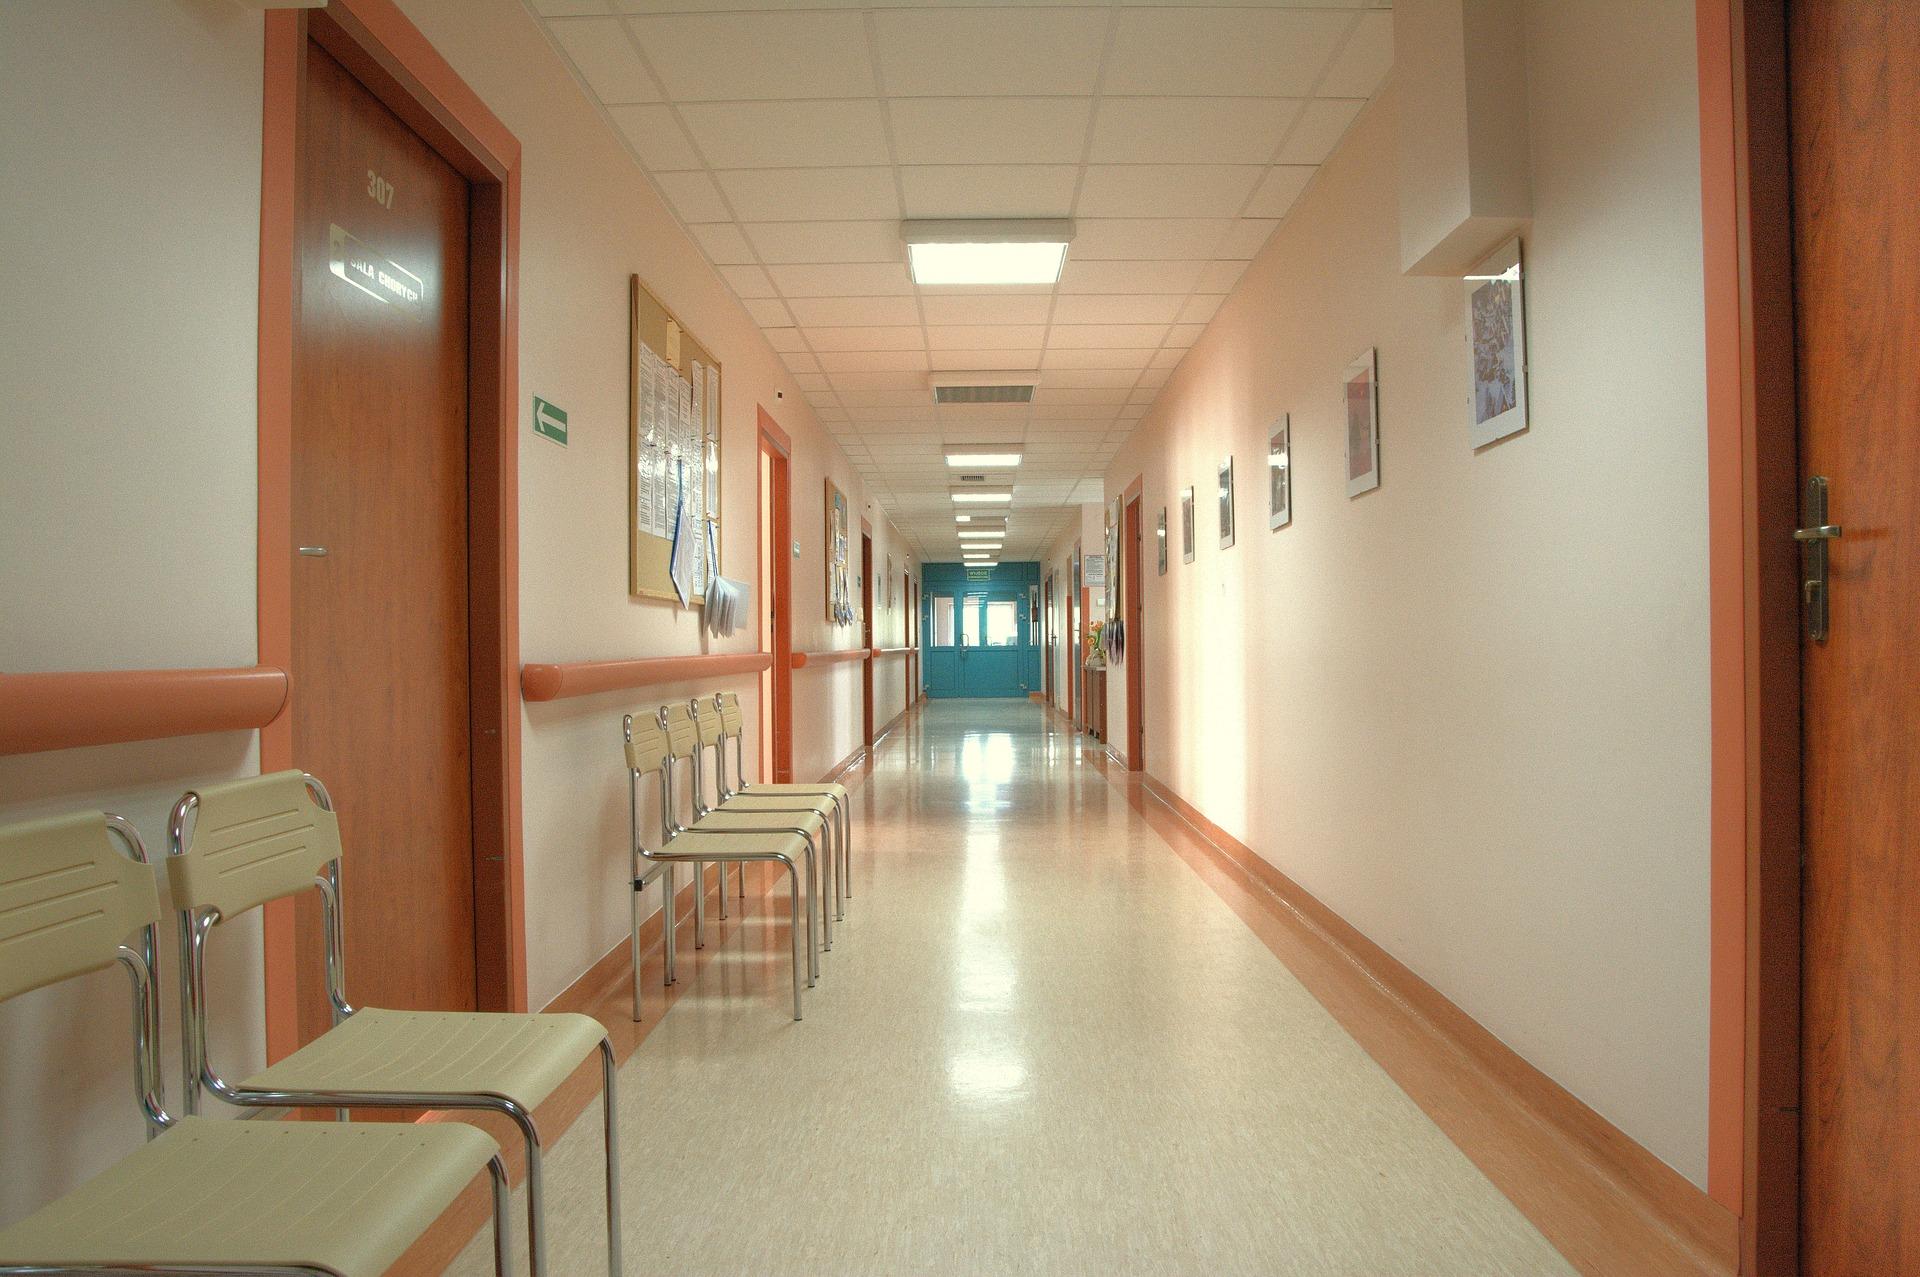 malpractice medica